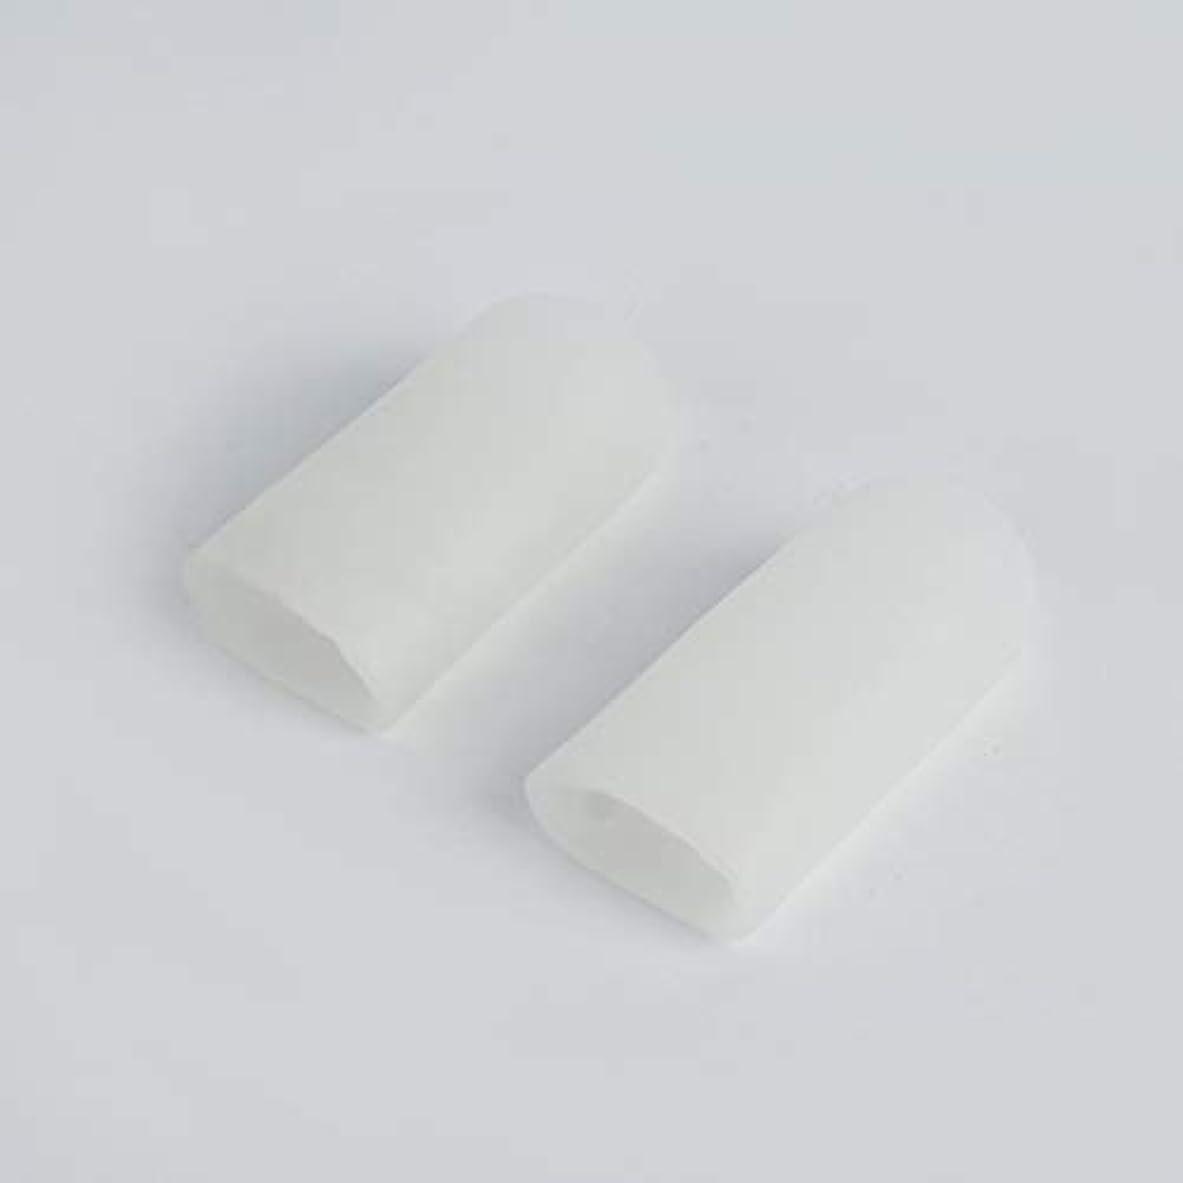 騒々しいサイレン武器Open Toe Tubes Gel Lined Fabric Sleeve Protectors To Prevent Corns, Calluses And Blisters While Softening And...